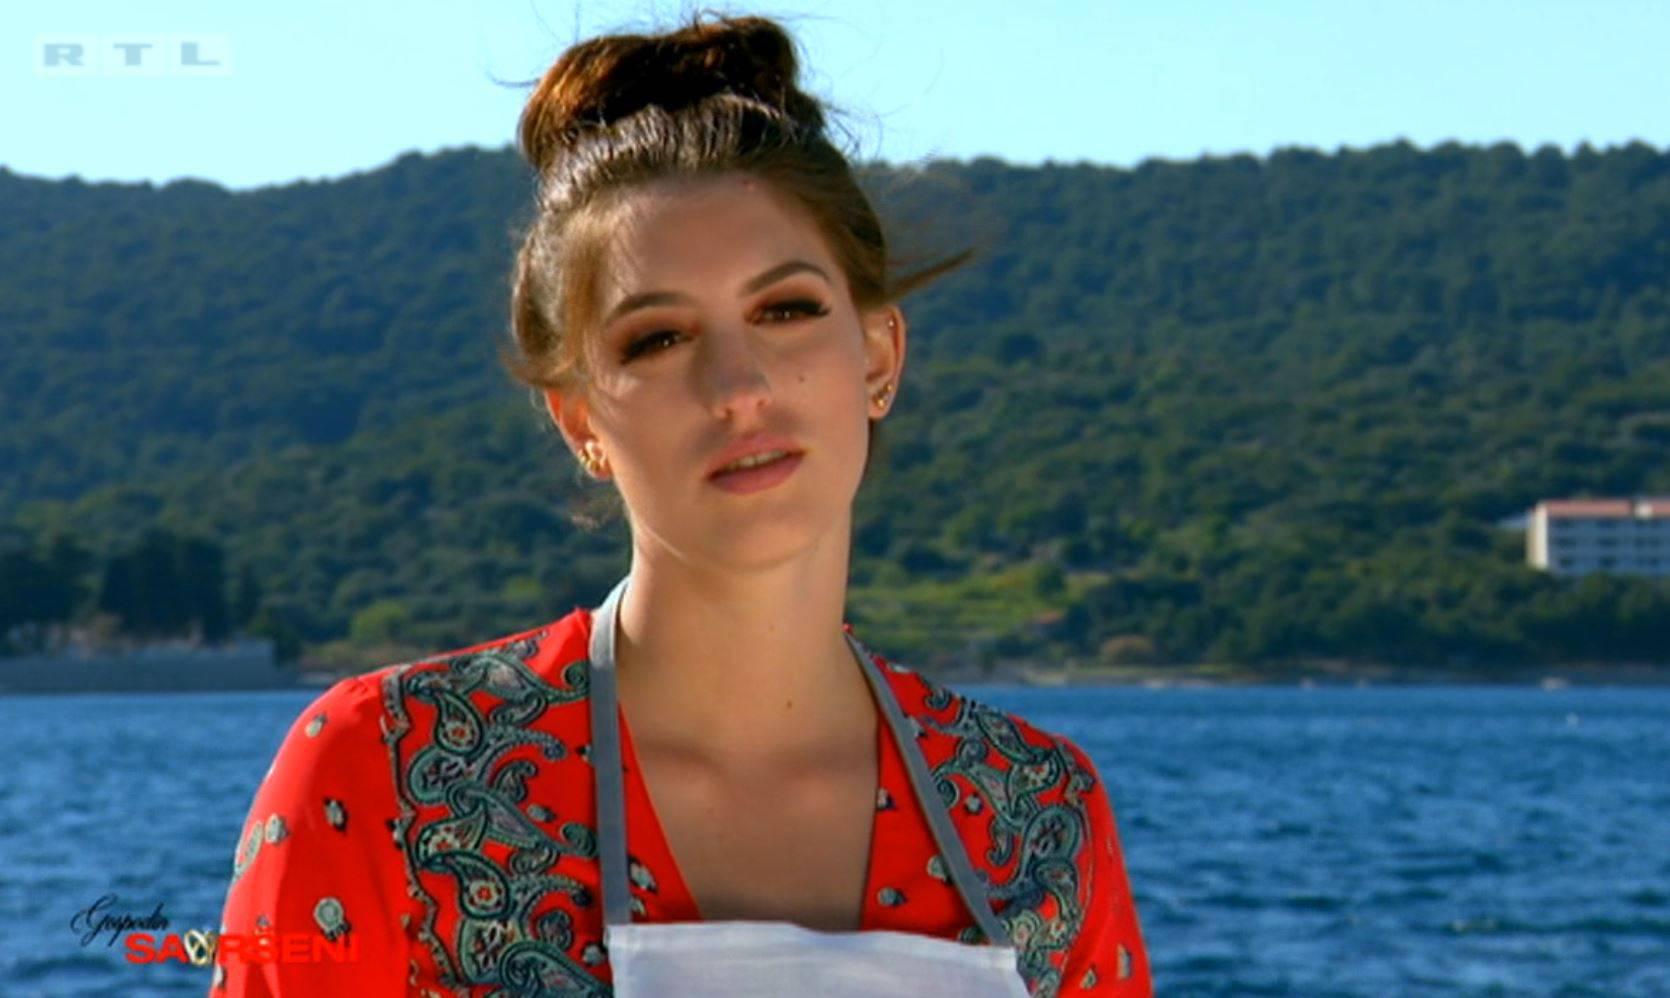 'Nisam se osjećala kao buduća djevojka nego kao konobarica'